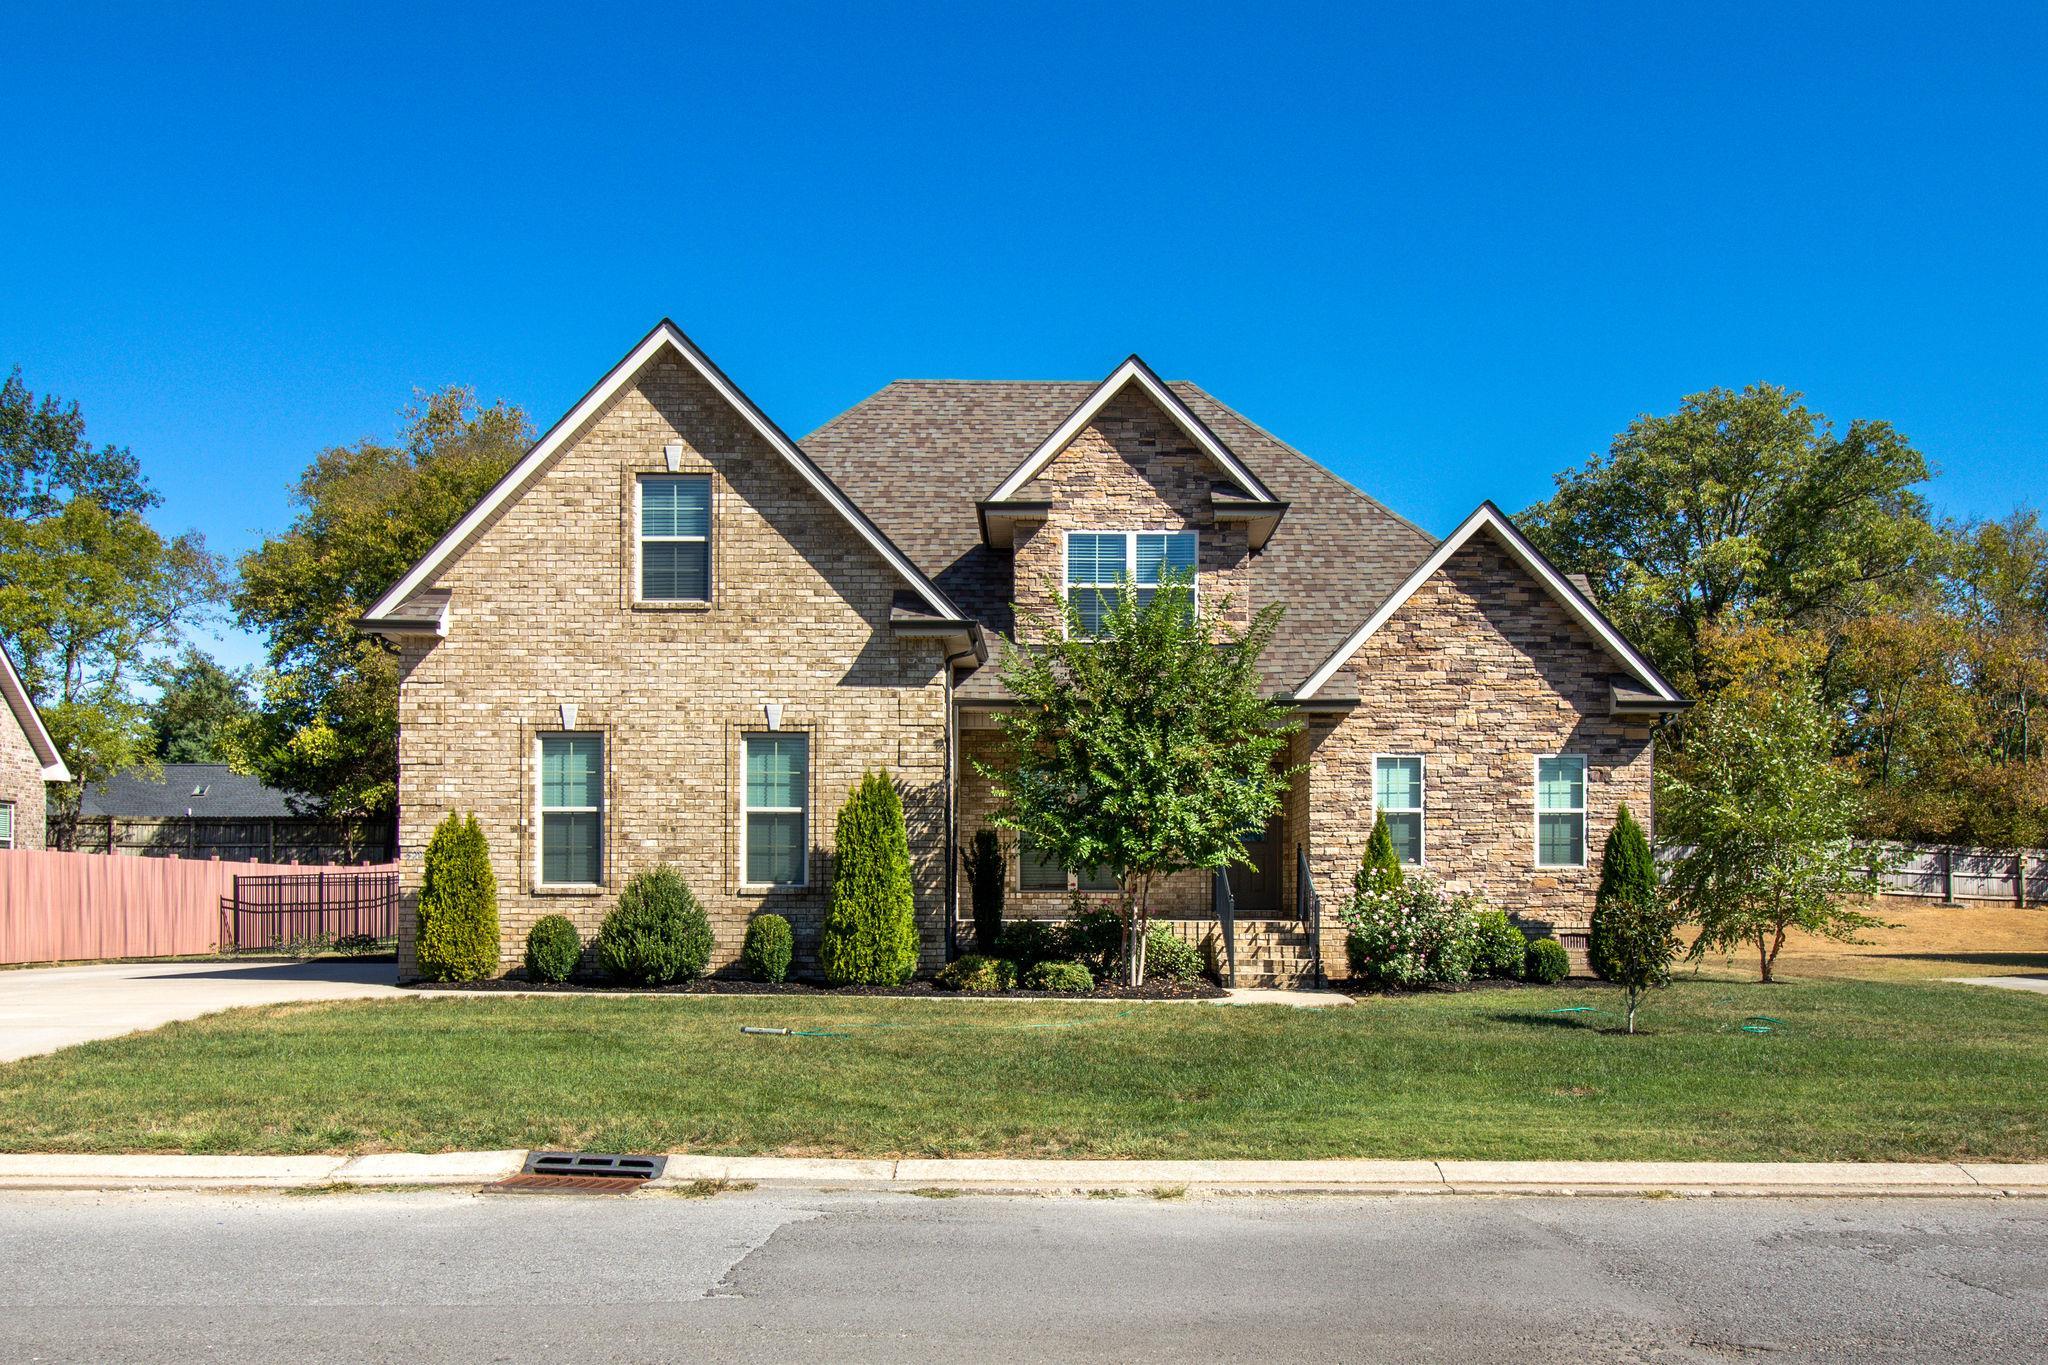 5228 Honeybee Dr, Murfreesboro, TN 37129 - Murfreesboro, TN real estate listing